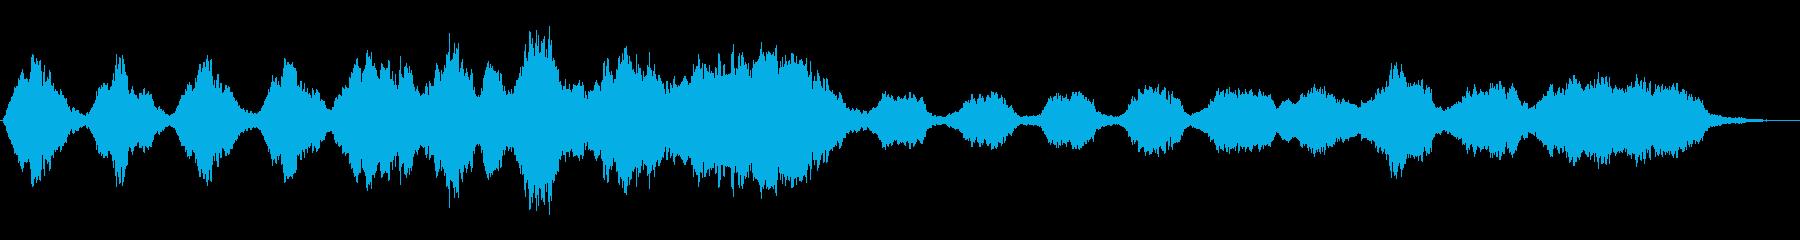 現代の交響曲 室内楽 劇的な 感情...の再生済みの波形